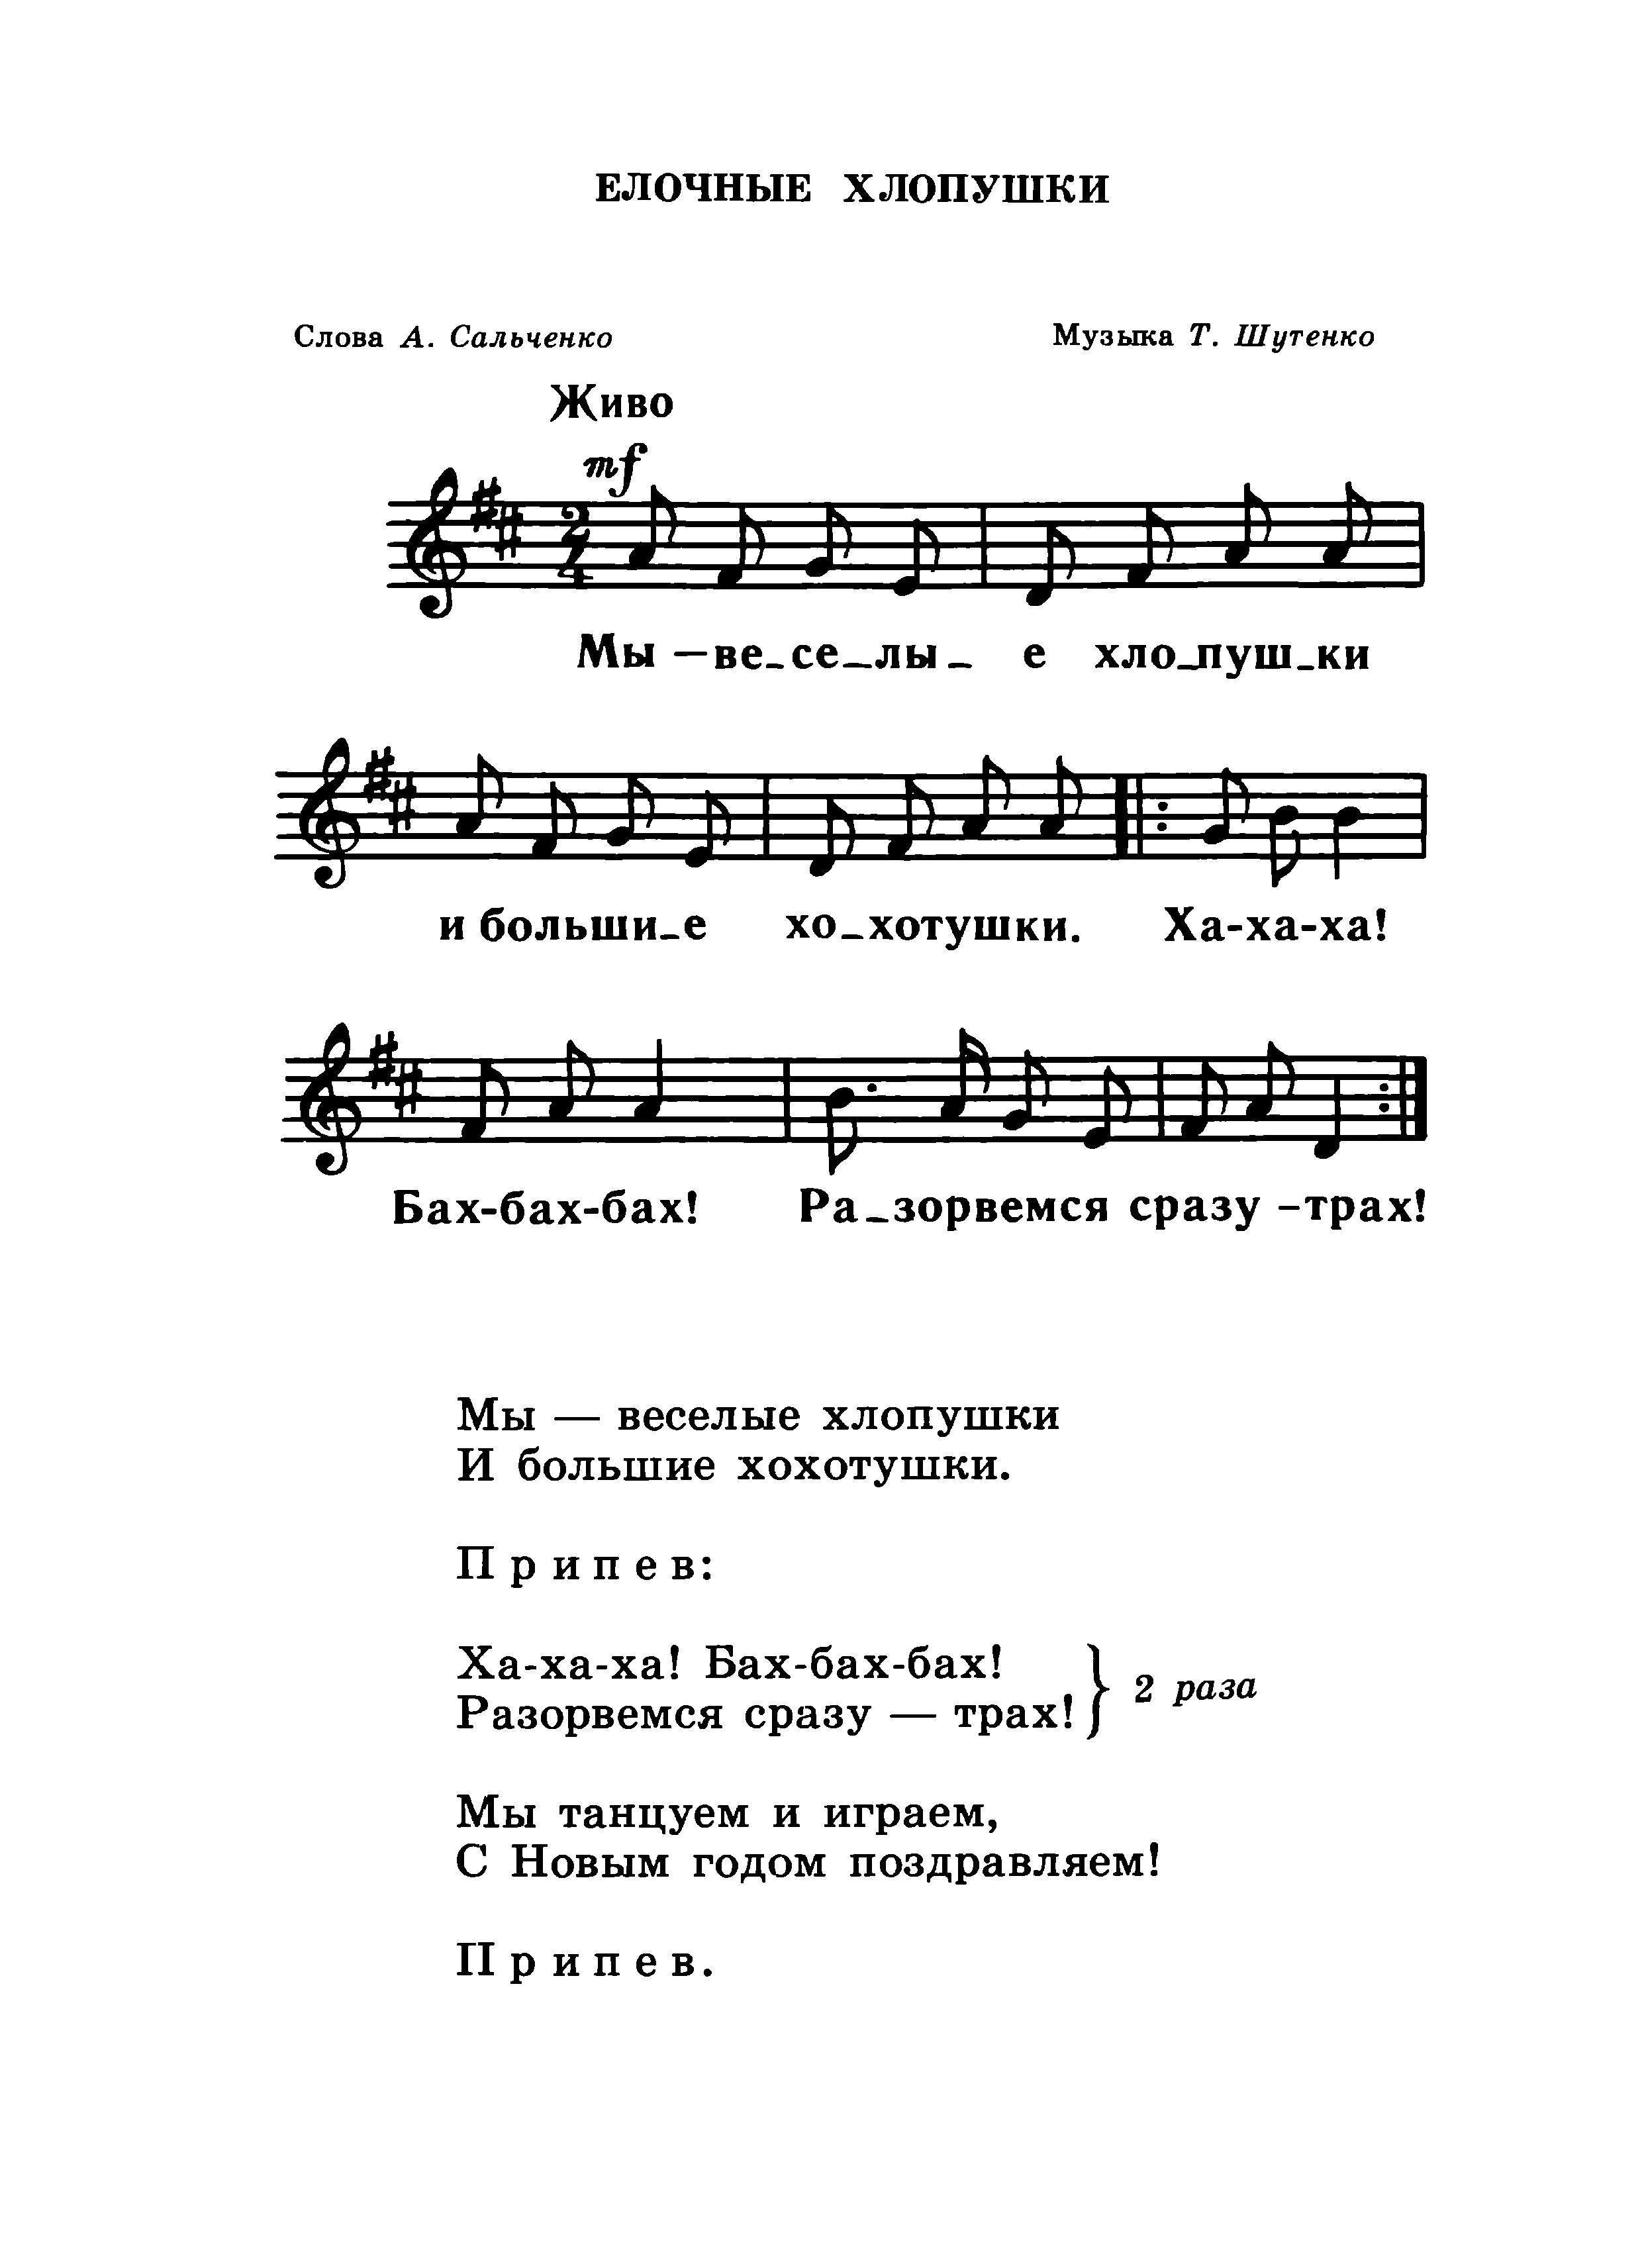 ПЕСНЯ ЕЛКА ШАРИКИ ХЛОПУШКИ МИНУС СКАЧАТЬ БЕСПЛАТНО